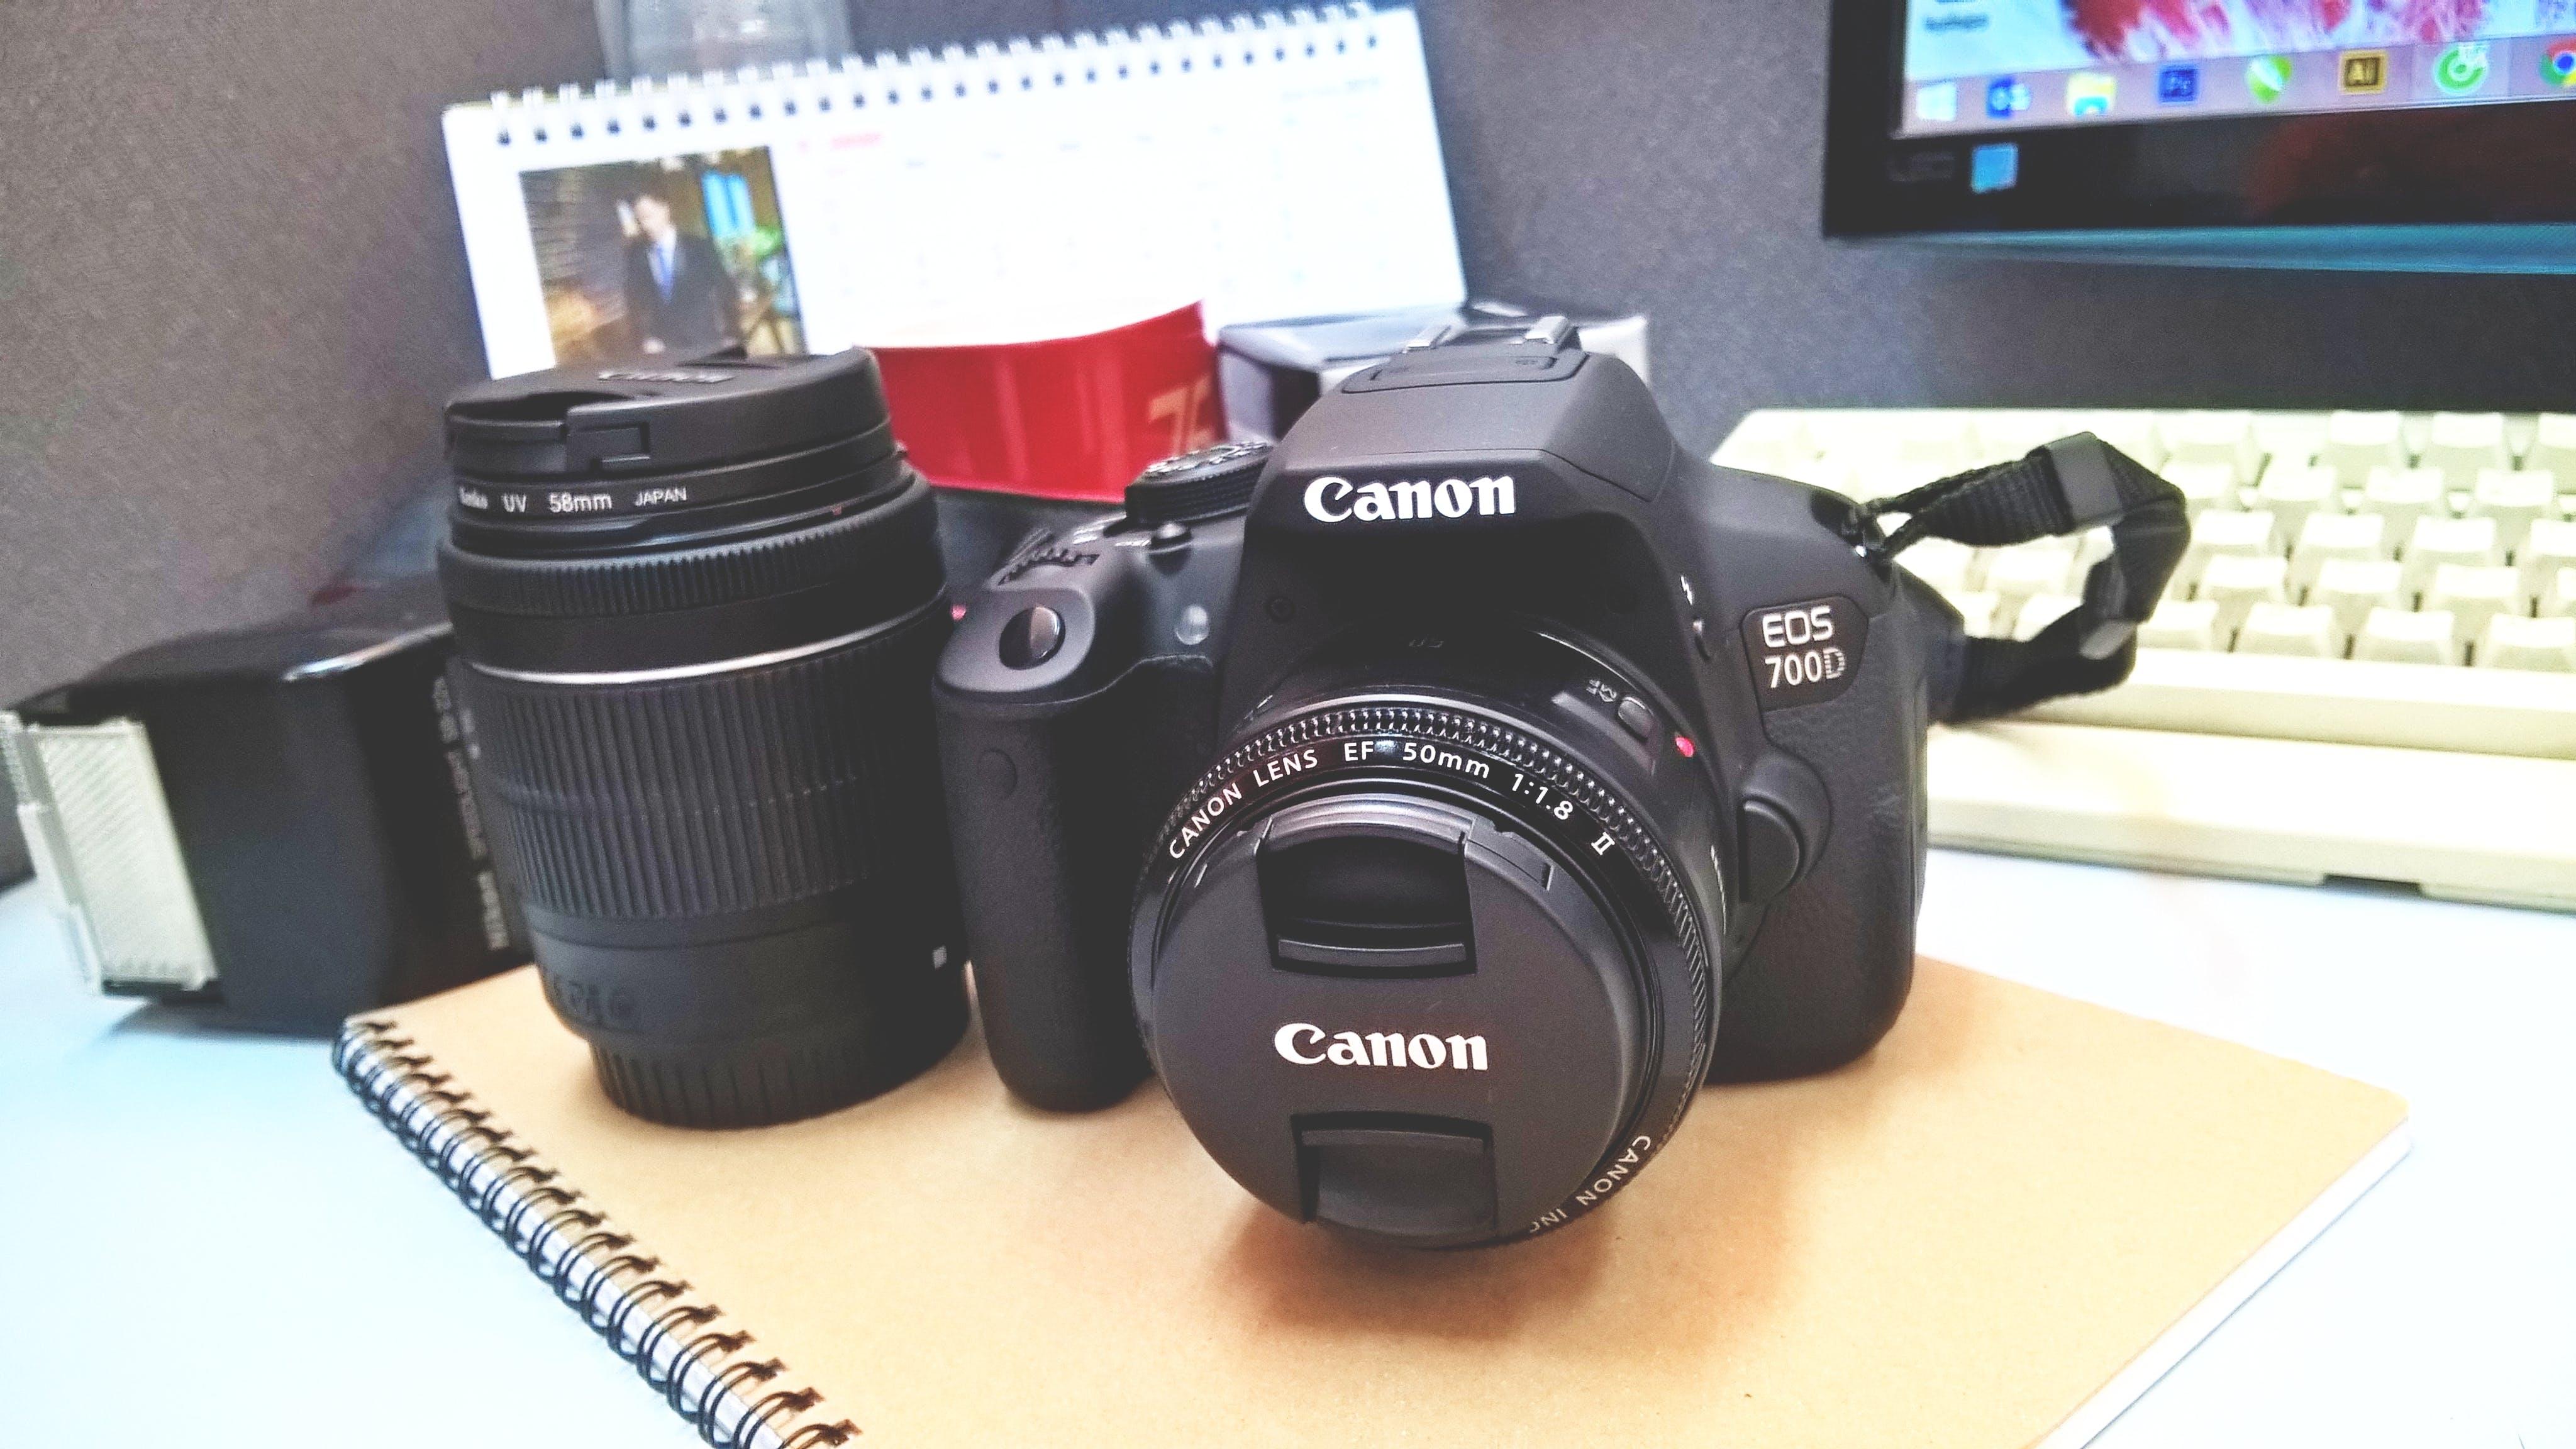 Canon Eos 7000 Dslr Camera